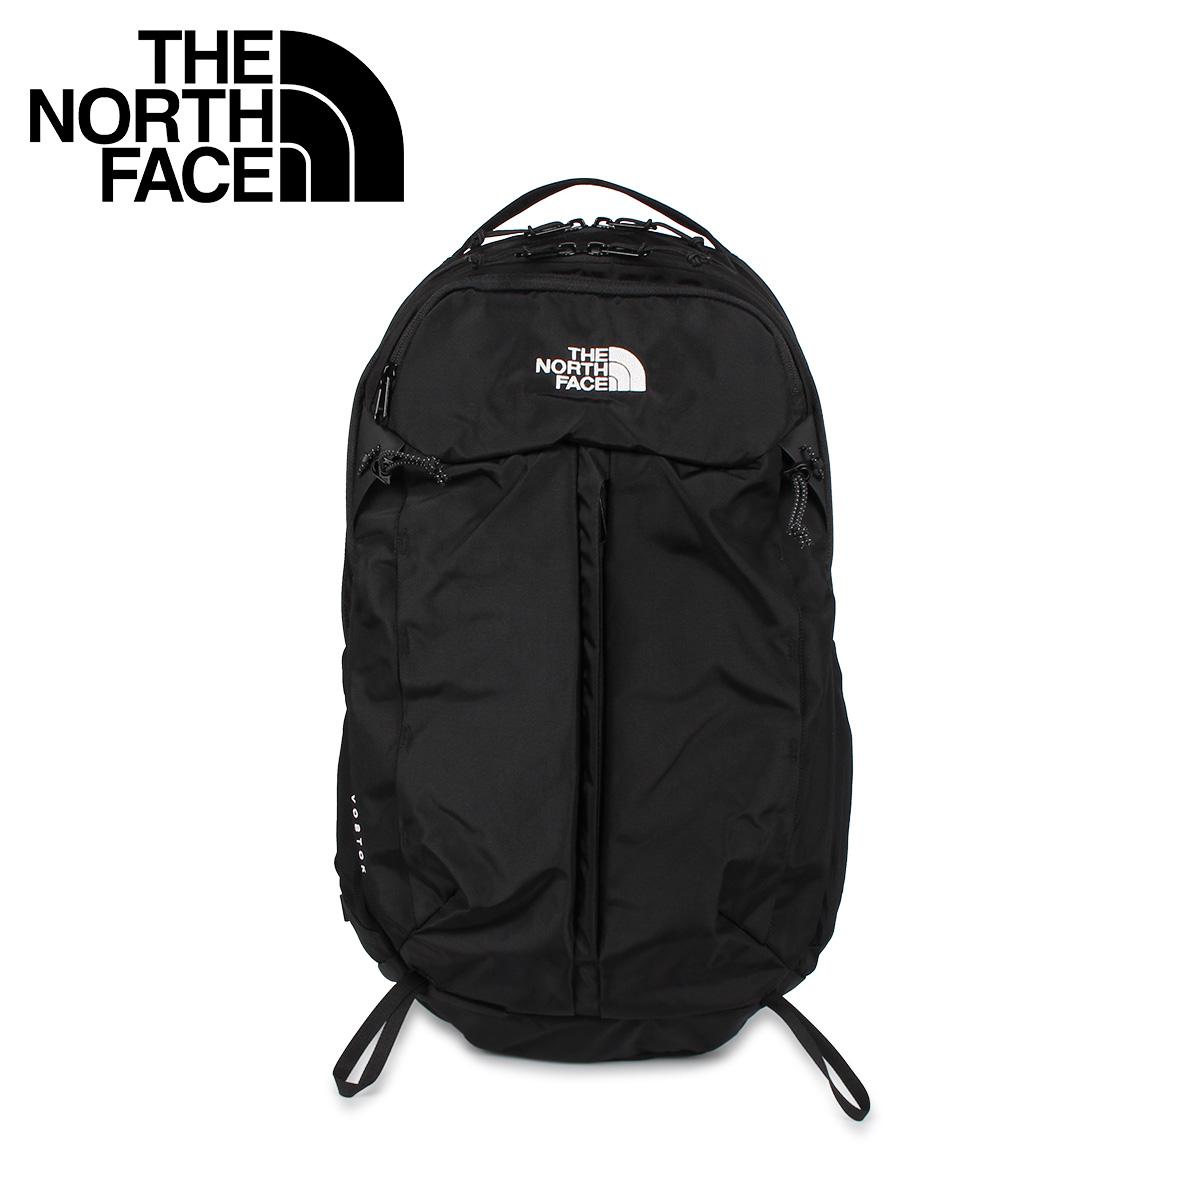 THE NORTH FACE ノースフェイス リュック バッグ バックパック ボストーク メンズ レディース 30L VOSTOK ブラック 黒 NM71959